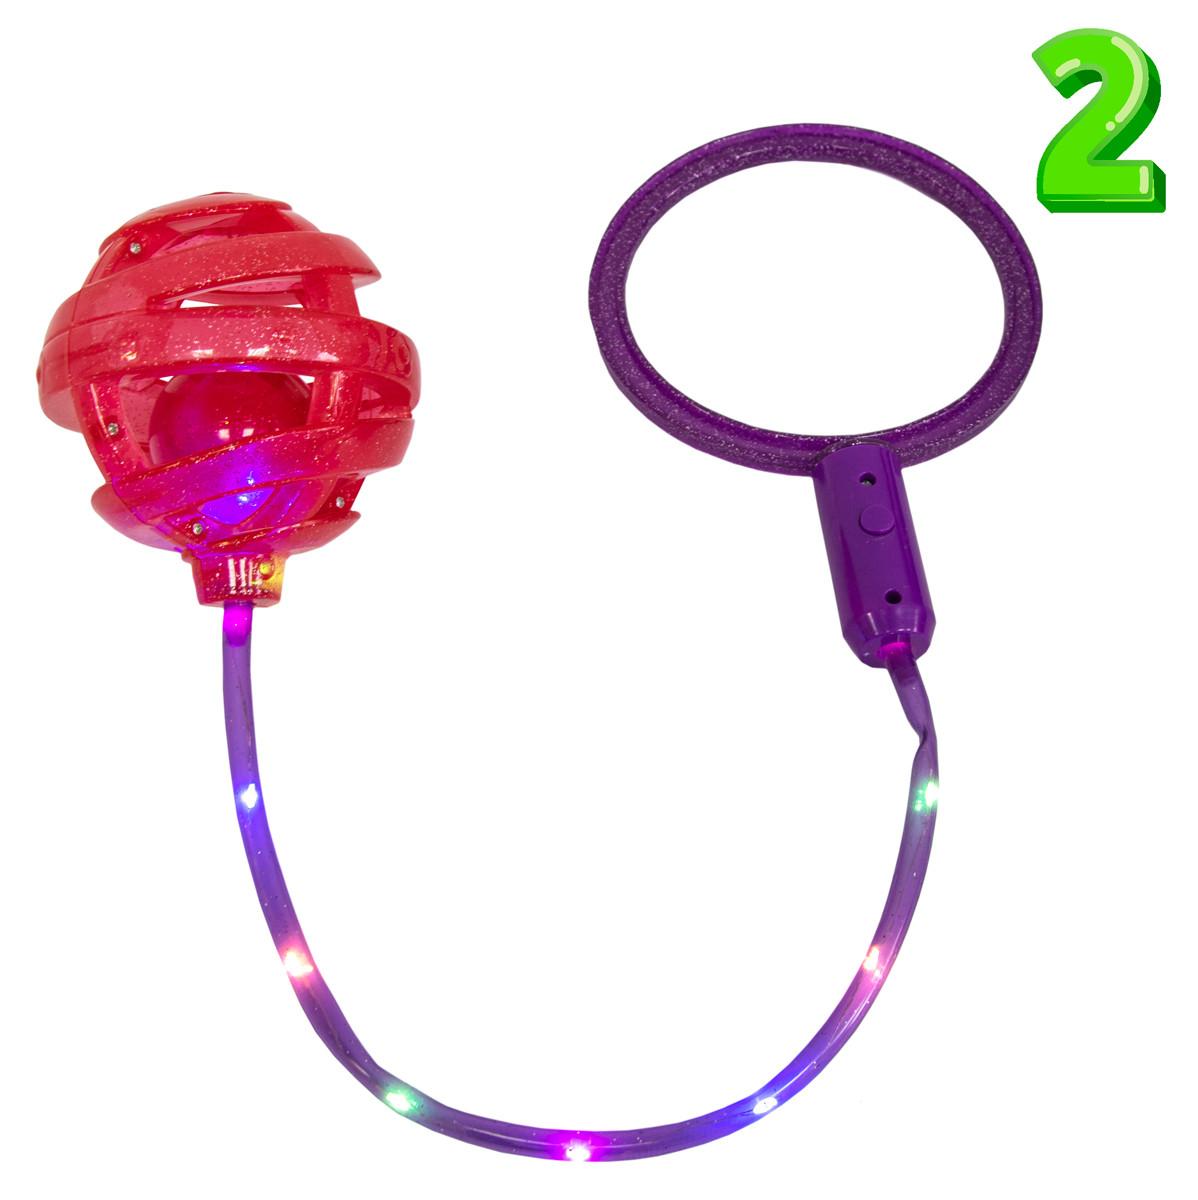 Детская скакалка на одну ногу Ice Hoop (Фиолетовое кольцо + Красный шар №2), светящаяся нейроскакалка (ST)